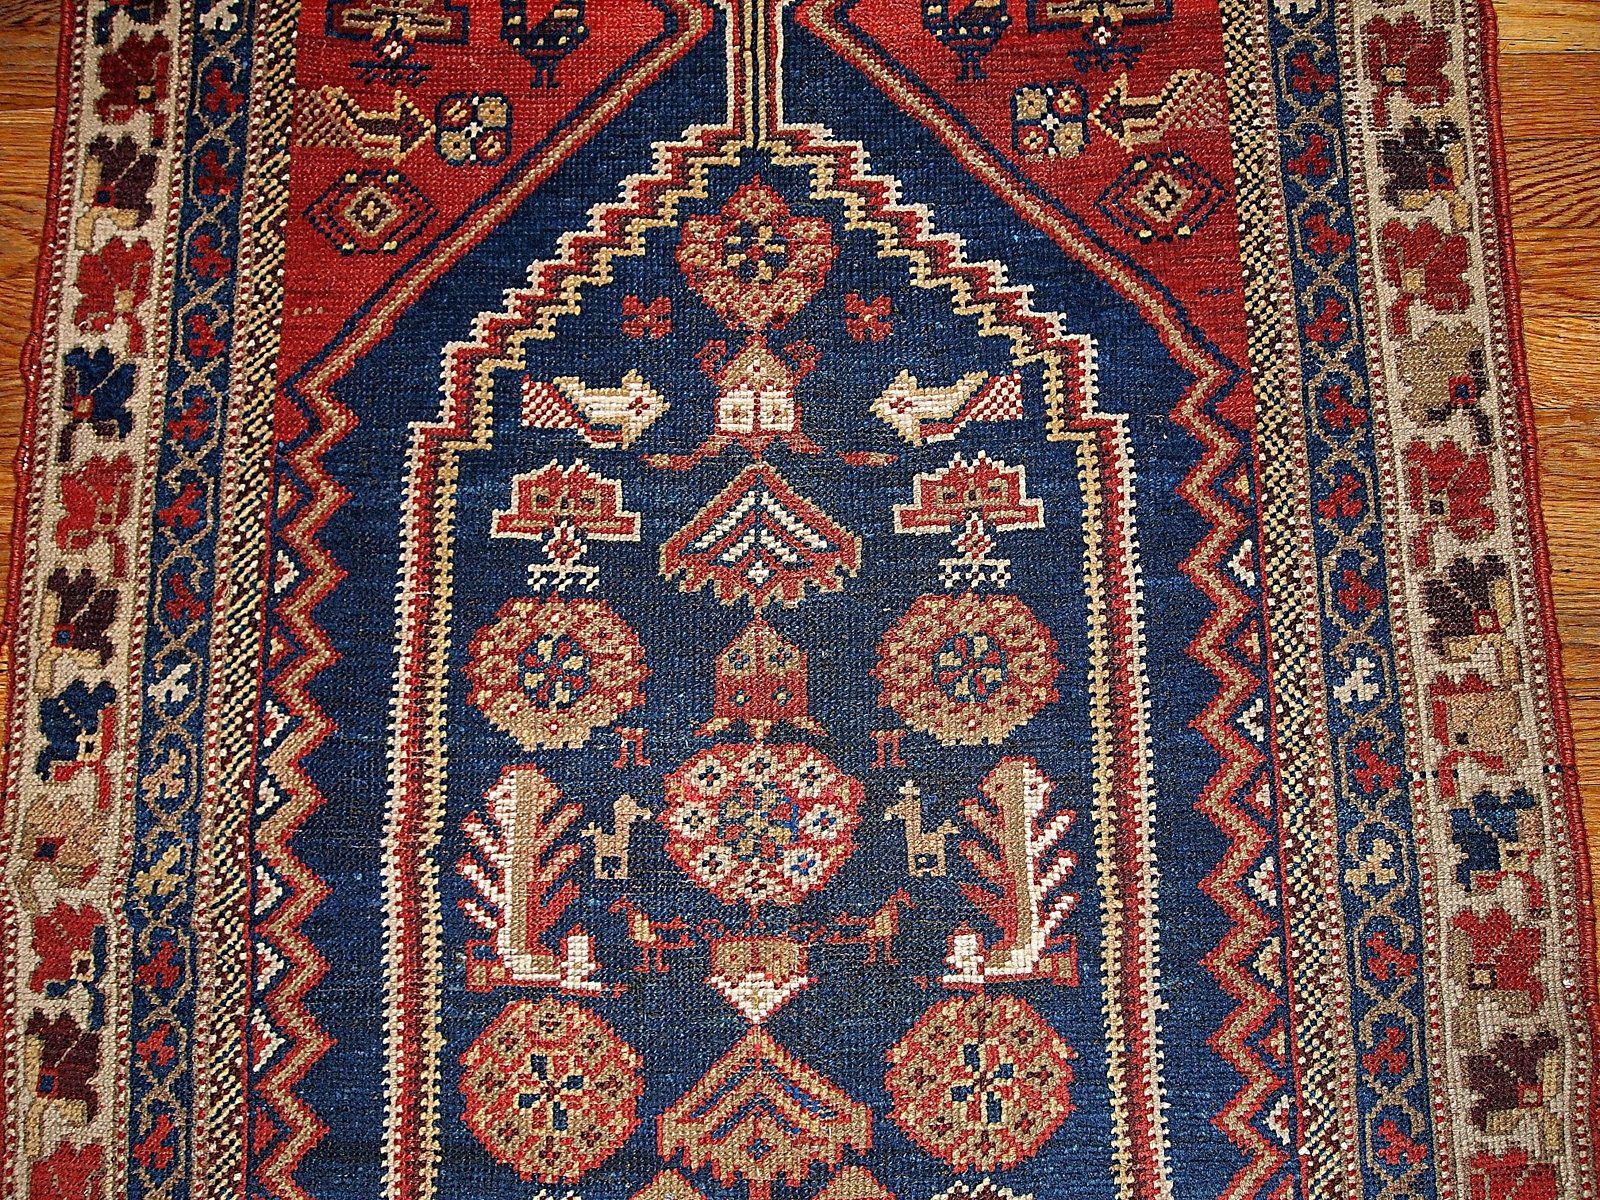 tapis shiraz antique fait main iran 1920s en vente sur. Black Bedroom Furniture Sets. Home Design Ideas